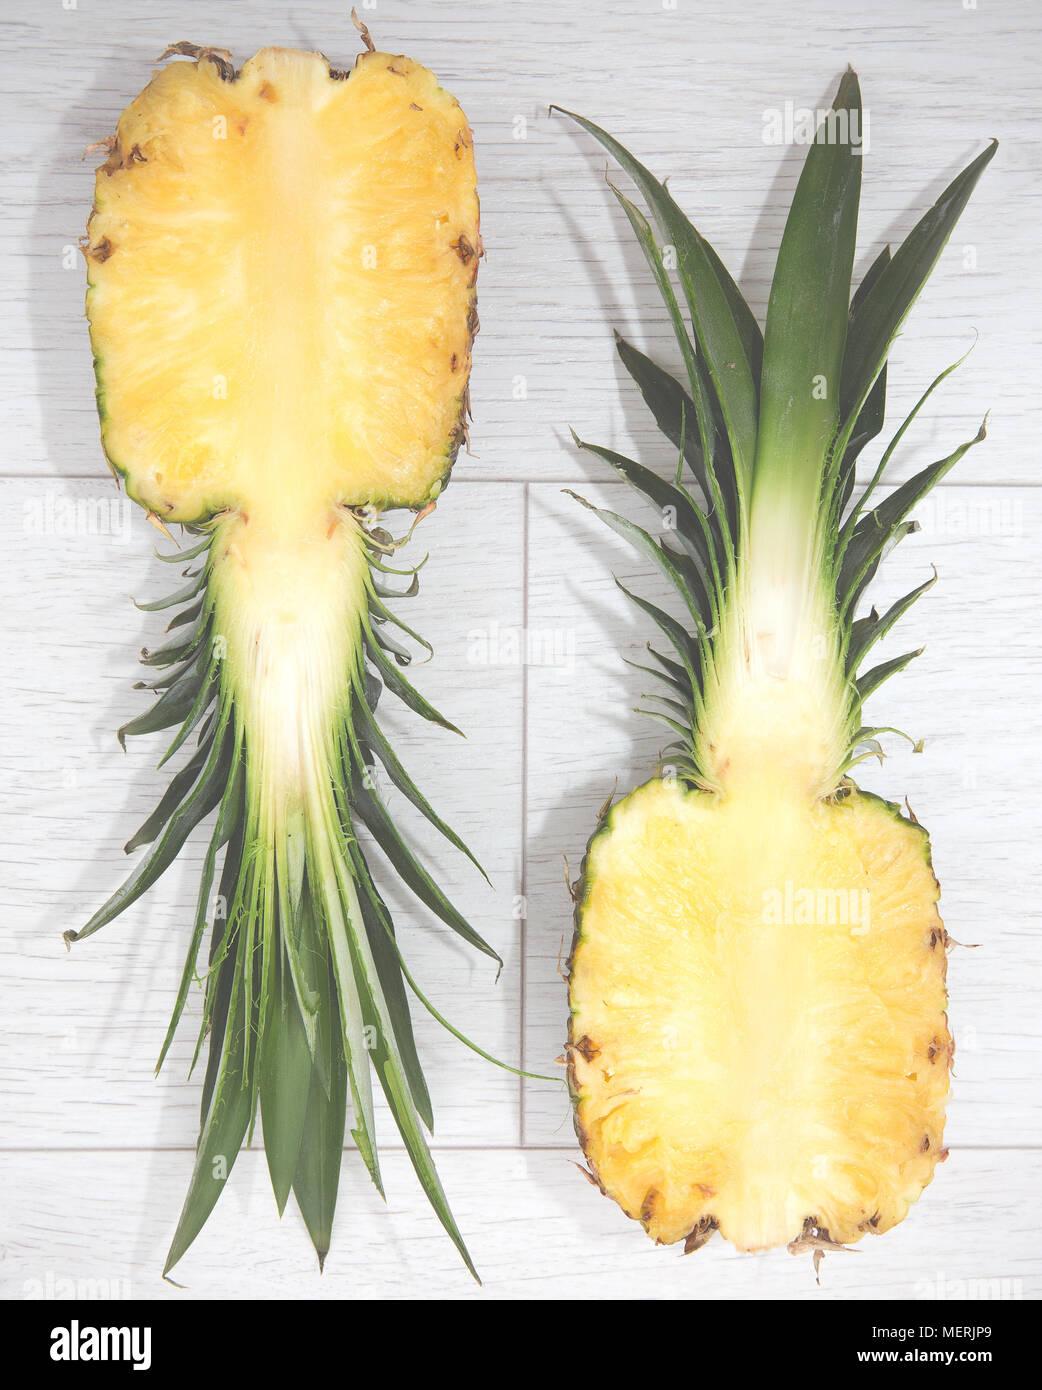 Mirando de arriba abajo en una piña que ha sido cortada en dos mitades, revelando el interior de la pulpa del fruto en una sección transversal Foto de stock